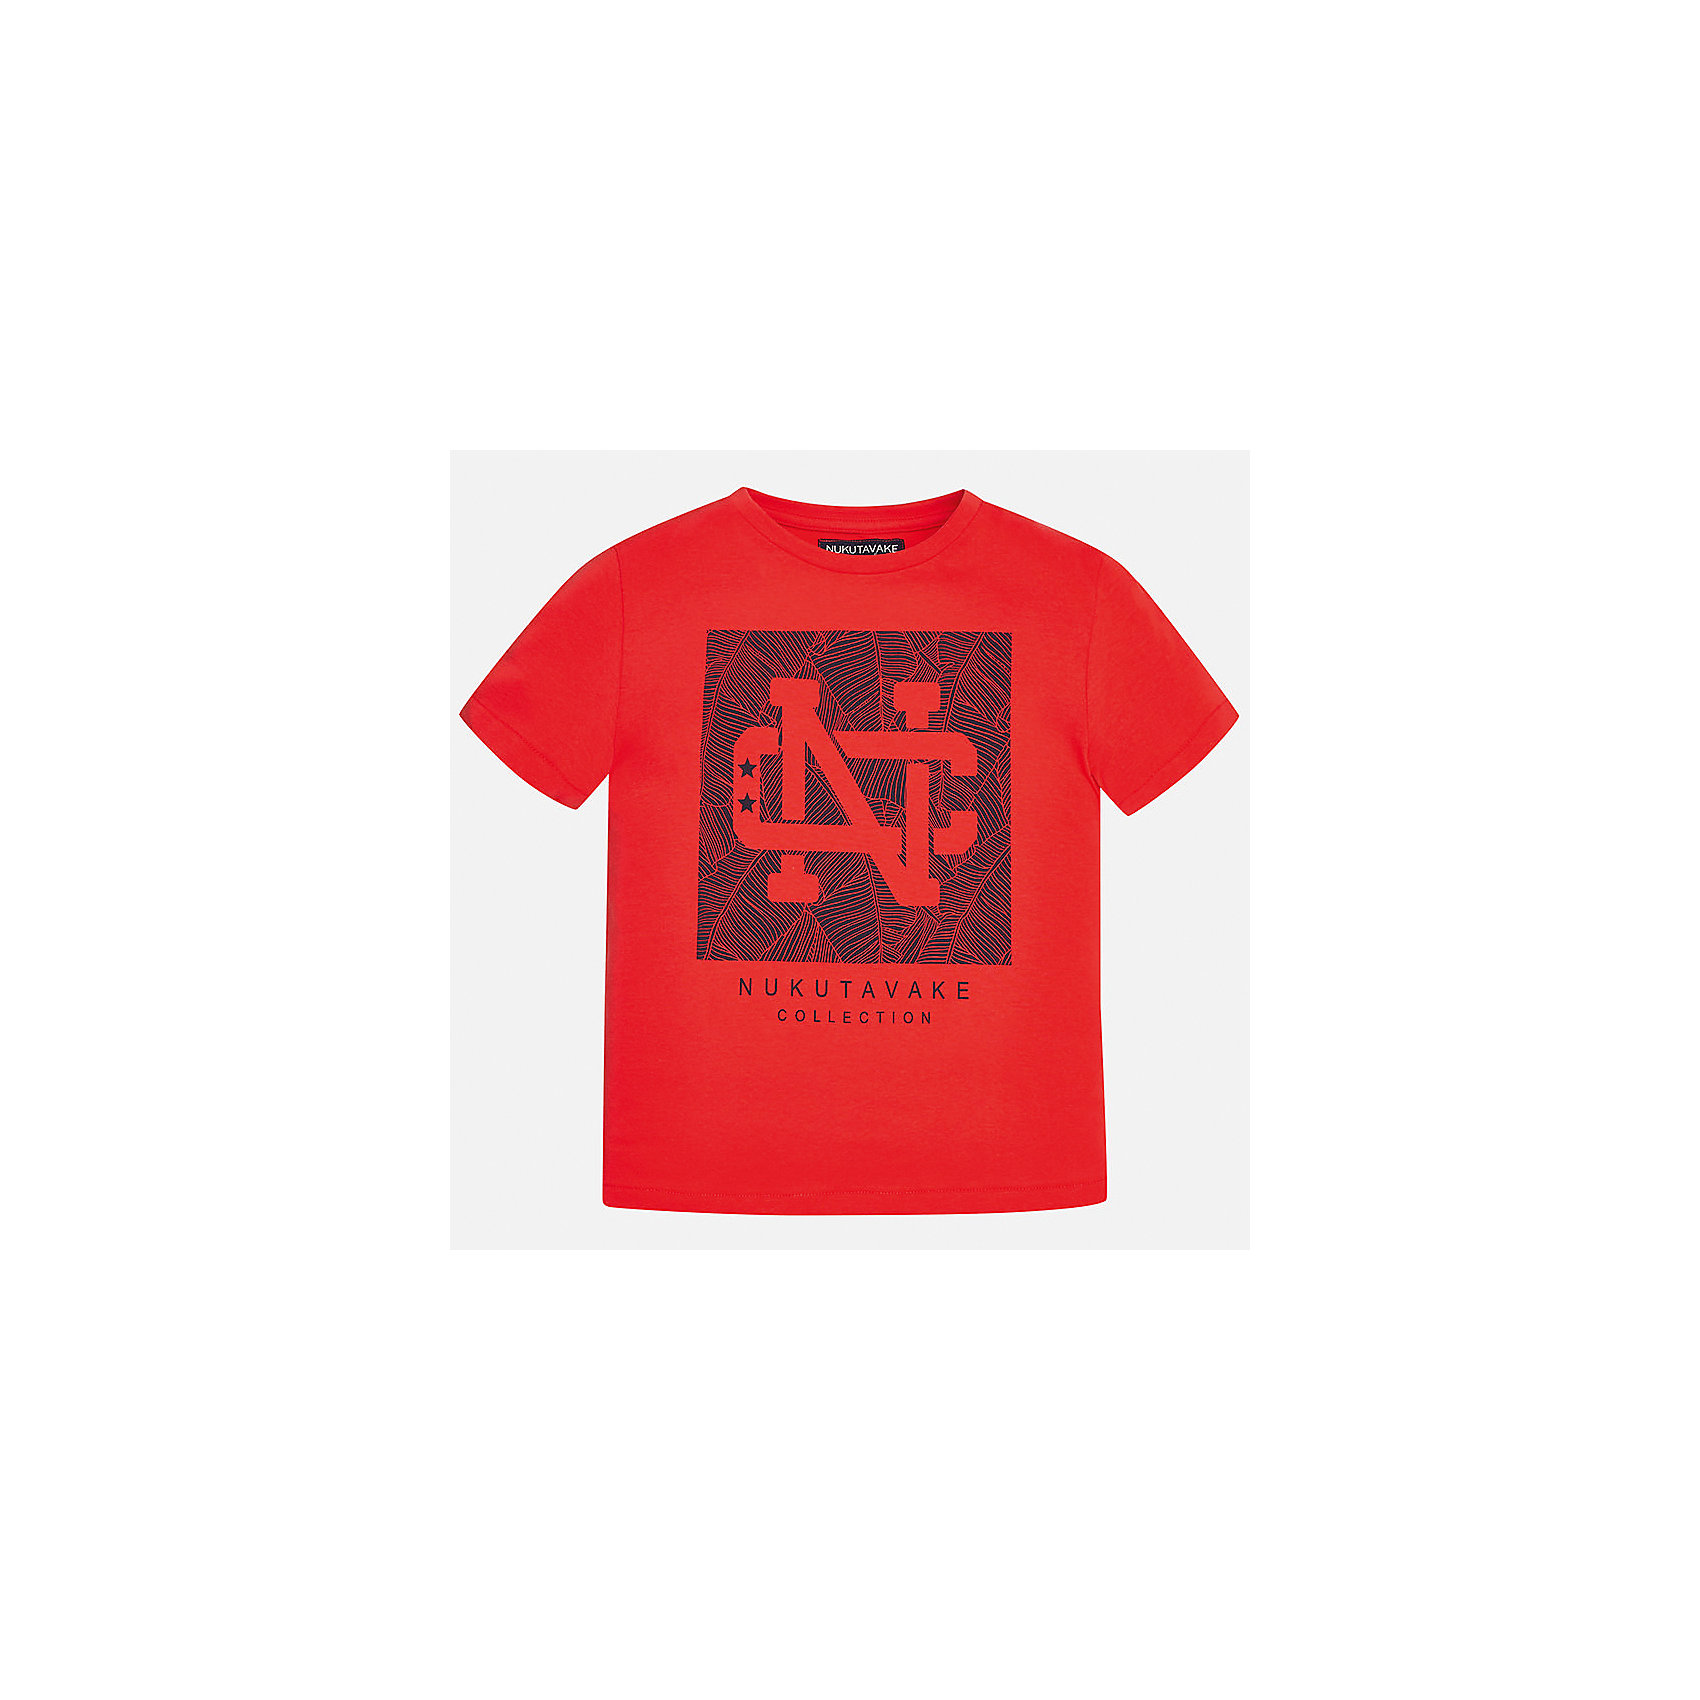 Футболка для мальчика MayoralФутболки, поло и топы<br>Характеристики товара:<br><br>• цвет: красный<br>• состав: 100% хлопок<br>• круглый горловой вырез<br>• декорирована принтом<br>• короткие рукава<br>• отделка горловины<br>• страна бренда: Испания<br><br>Стильная удобная футболка с принтом поможет разнообразить гардероб мальчика. Она отлично сочетается с брюками, шортами, джинсами. Универсальный крой и цвет позволяет подобрать к вещи низ разных расцветок. Практичное и стильное изделие! Хорошо смотрится и комфортно сидит на детях. В составе материала - натуральный хлопок, гипоаллергенный, приятный на ощупь, дышащий. <br><br>Одежда, обувь и аксессуары от испанского бренда Mayoral полюбились детям и взрослым по всему миру. Модели этой марки - стильные и удобные. Для их производства используются только безопасные, качественные материалы и фурнитура. Порадуйте ребенка модными и красивыми вещами от Mayoral! <br><br>Футболку для мальчика от испанского бренда Mayoral (Майорал) можно купить в нашем интернет-магазине.<br><br>Ширина мм: 199<br>Глубина мм: 10<br>Высота мм: 161<br>Вес г: 151<br>Цвет: розовый<br>Возраст от месяцев: 132<br>Возраст до месяцев: 144<br>Пол: Мужской<br>Возраст: Детский<br>Размер: 158,170,140,128/134,164,152<br>SKU: 5278293